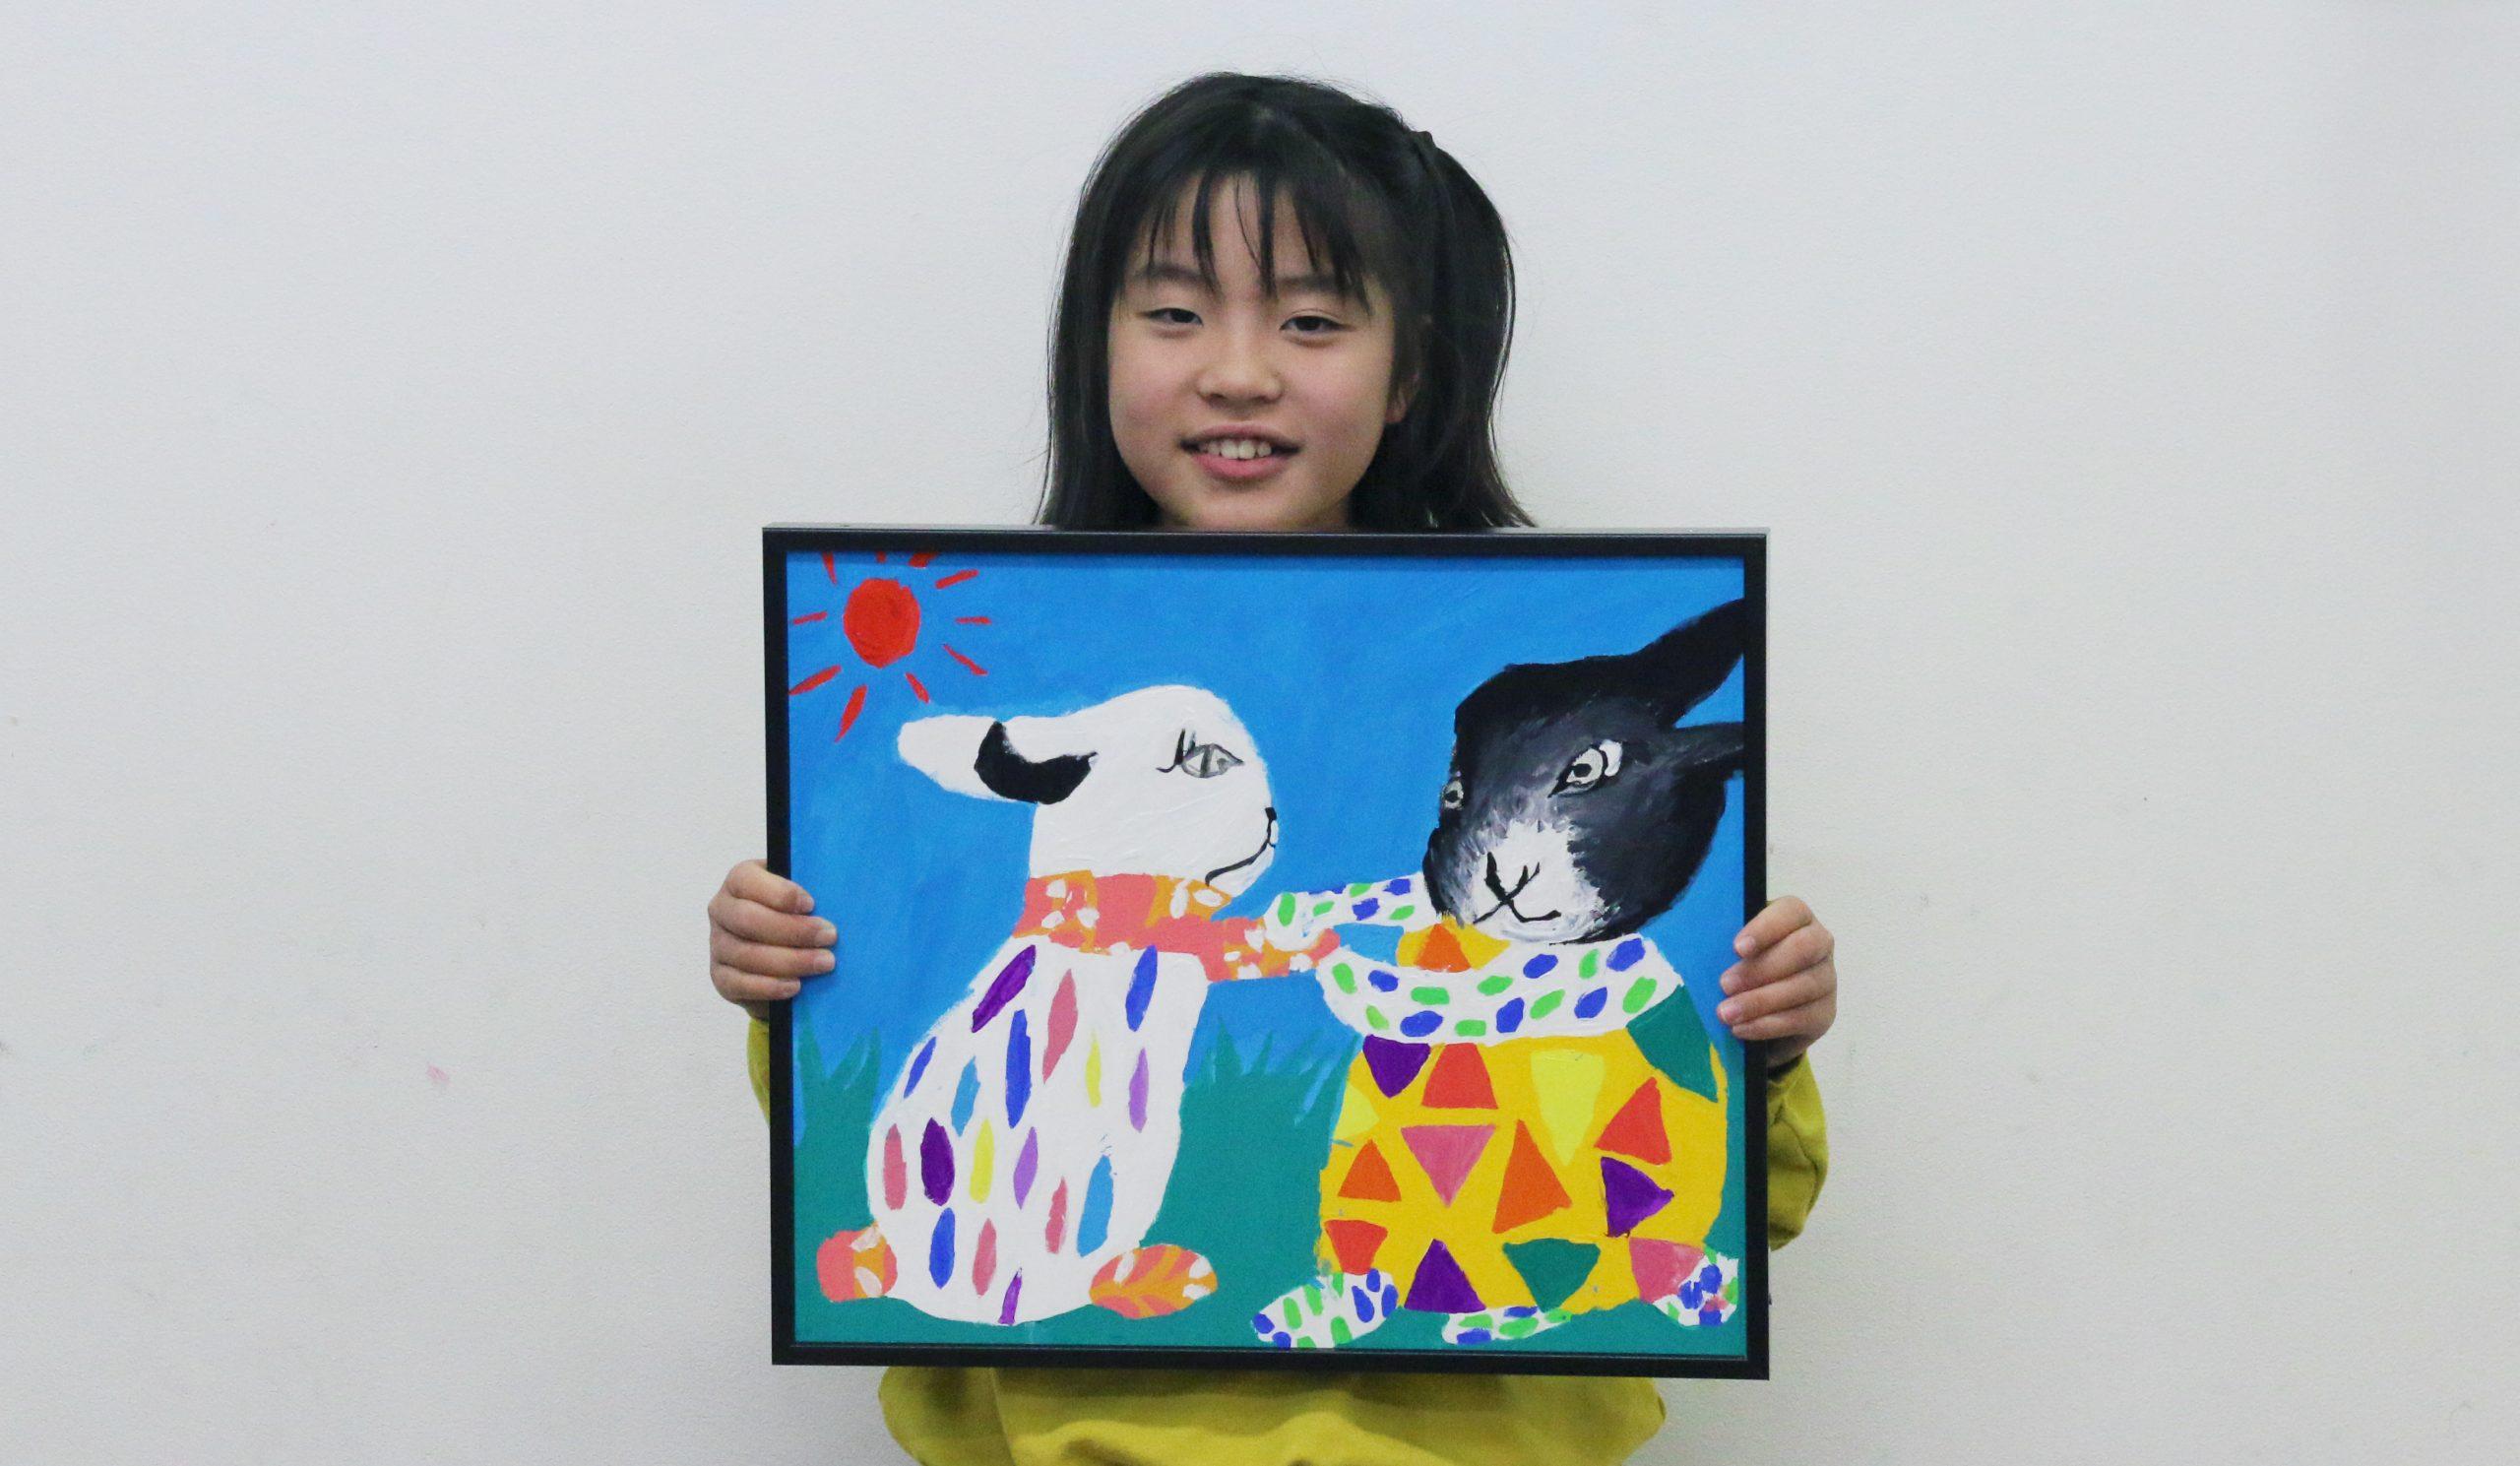 『うさぎ』 絵画子どもクラス 大辻陽和ちゃん イメージ画像